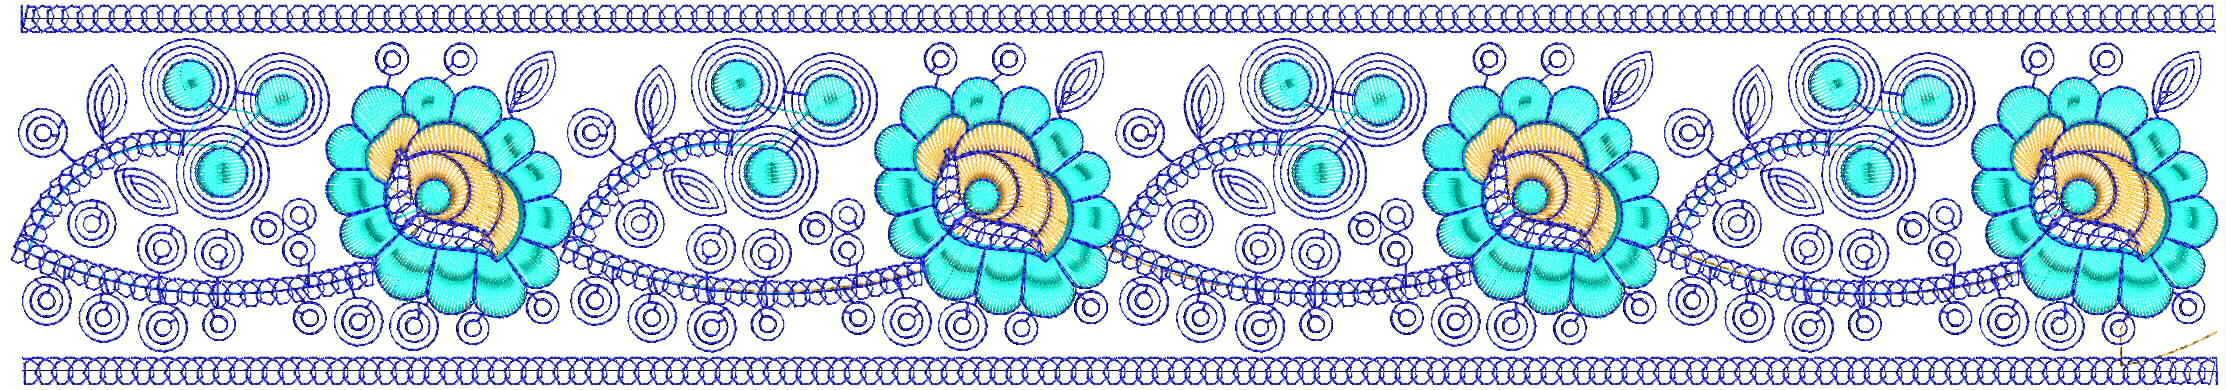 Unique Lace / Border Embroidery Design